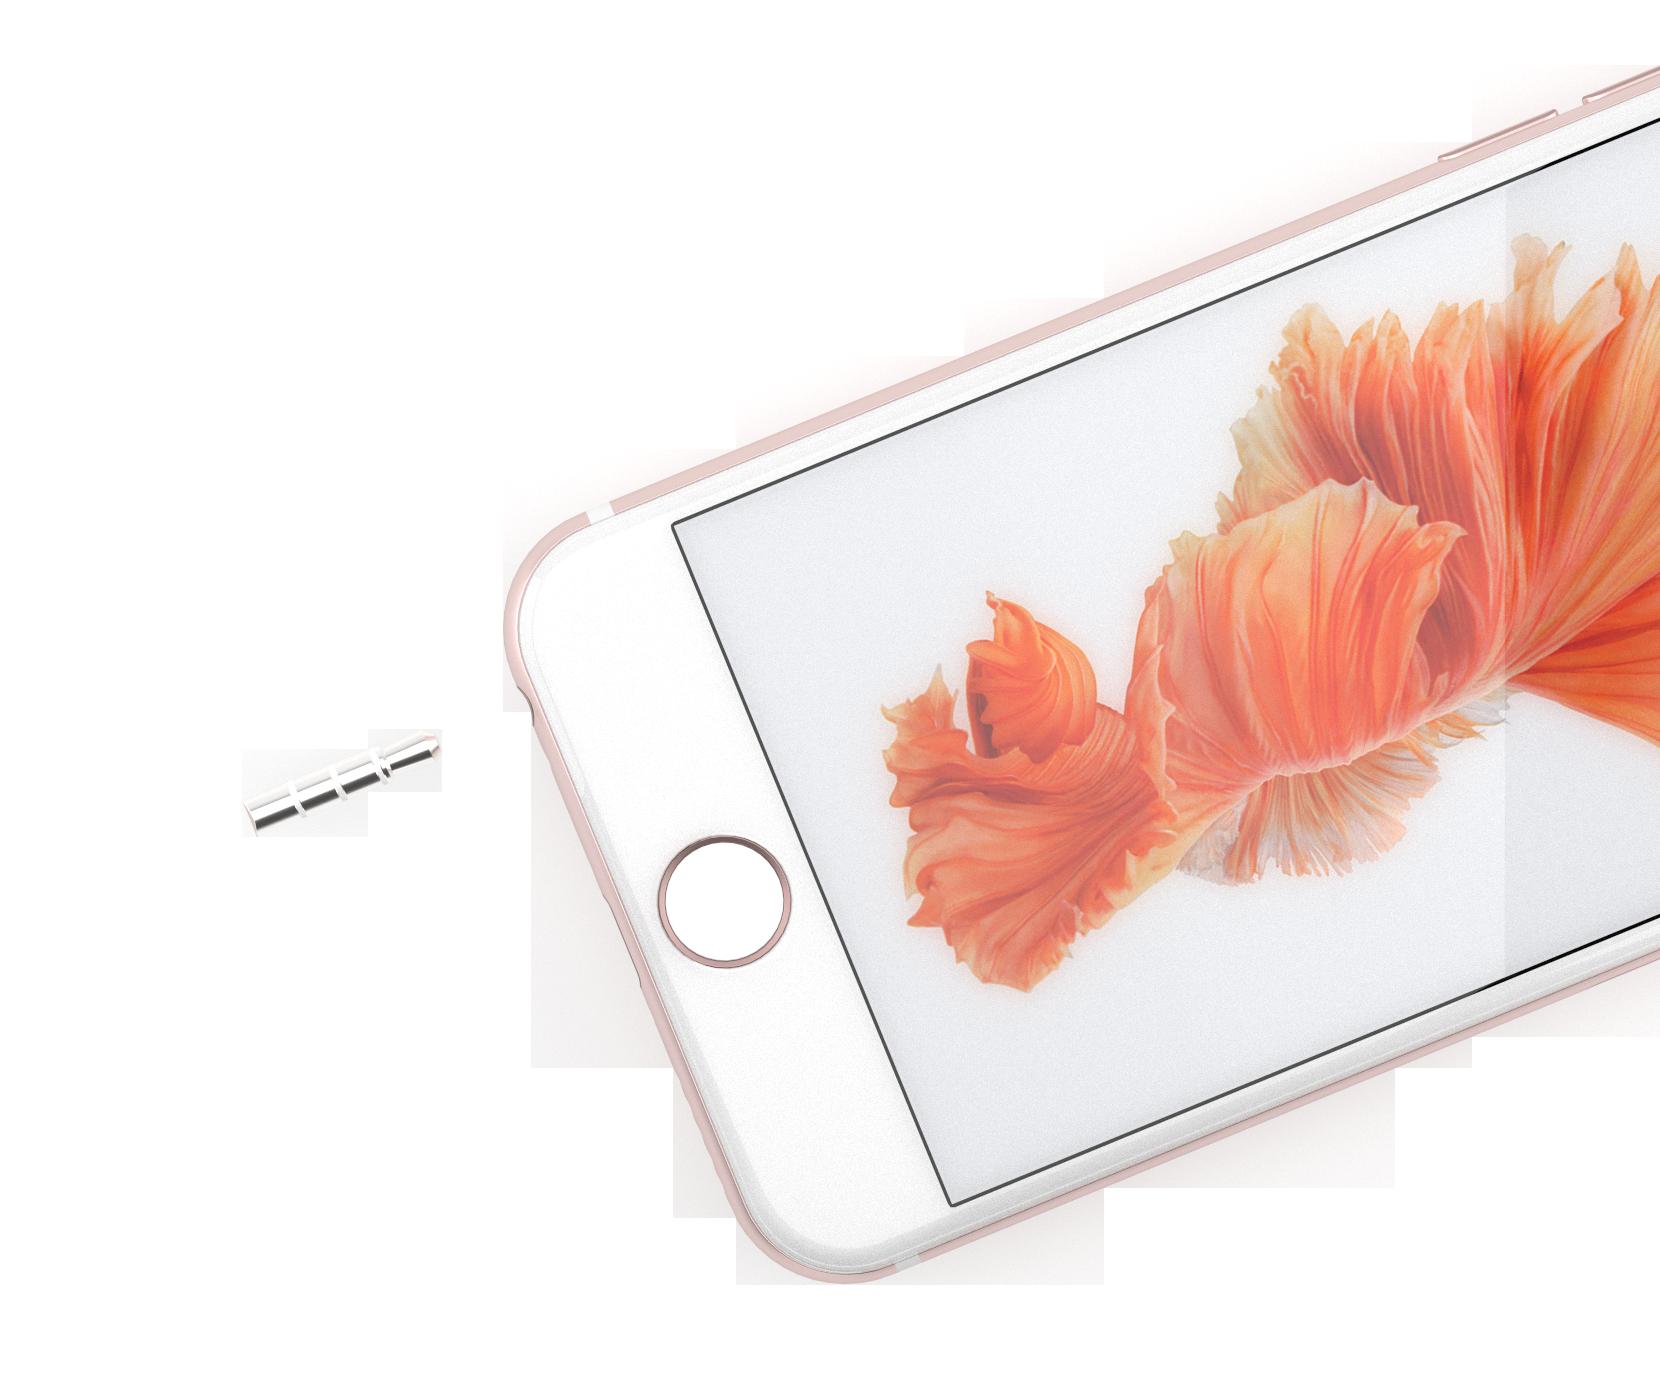 reputable site 99141 92418 Apple Plug